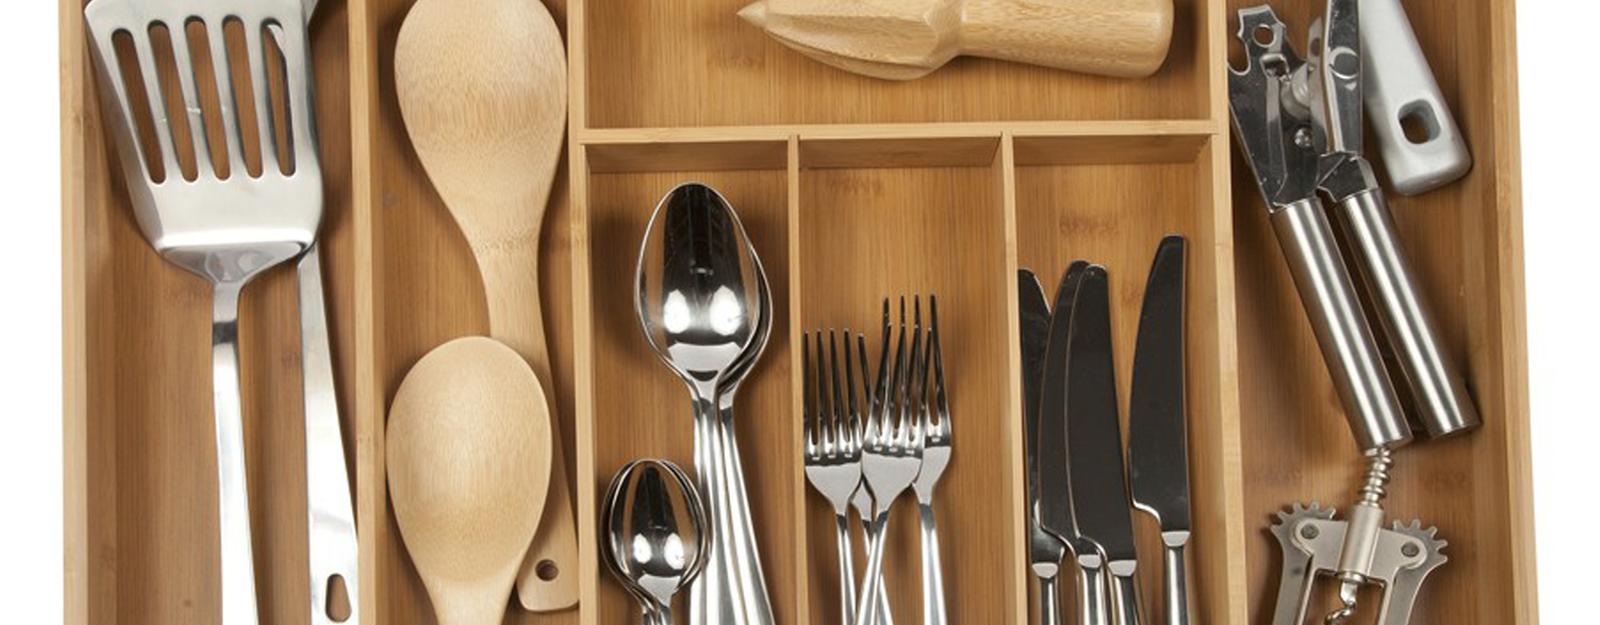 Organize The Kitchen Silverware Drawer